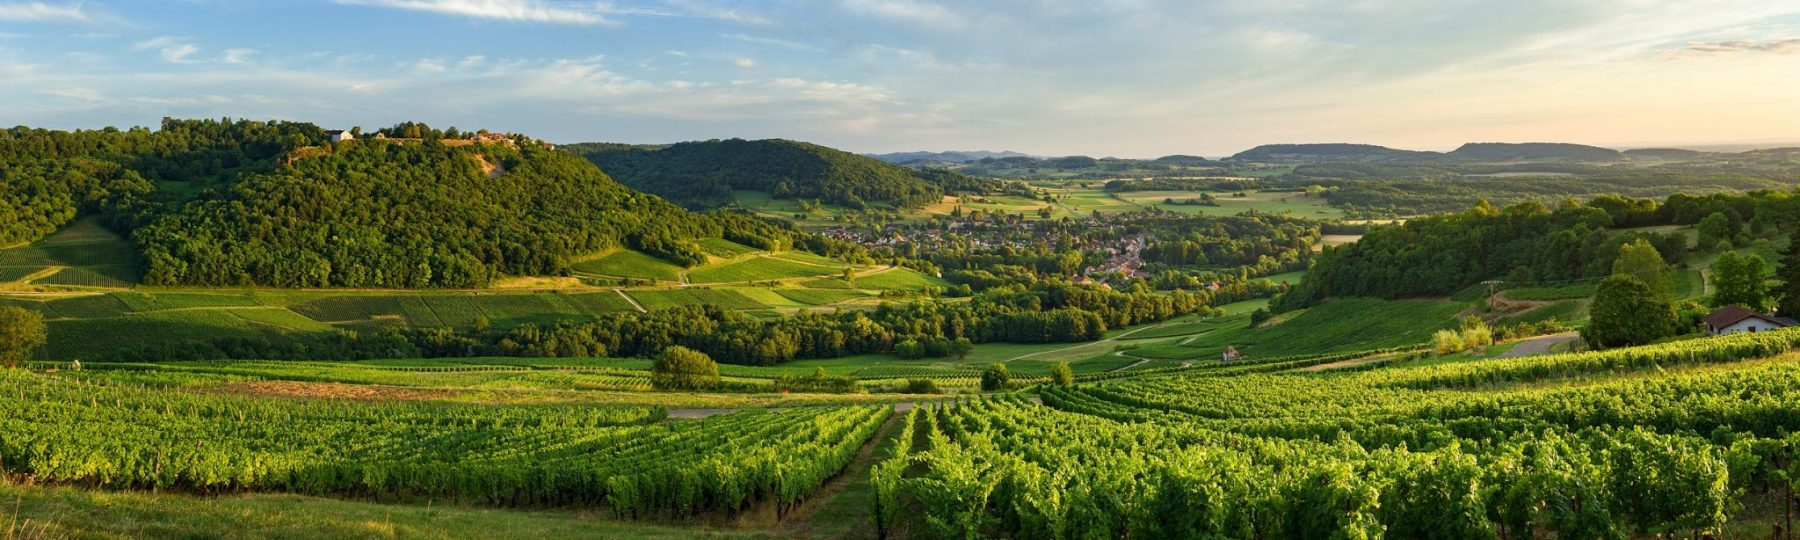 Vue sur les vignes depuis Menétru-le-Vignoble © Stéphane Godin/Jura Tourisme